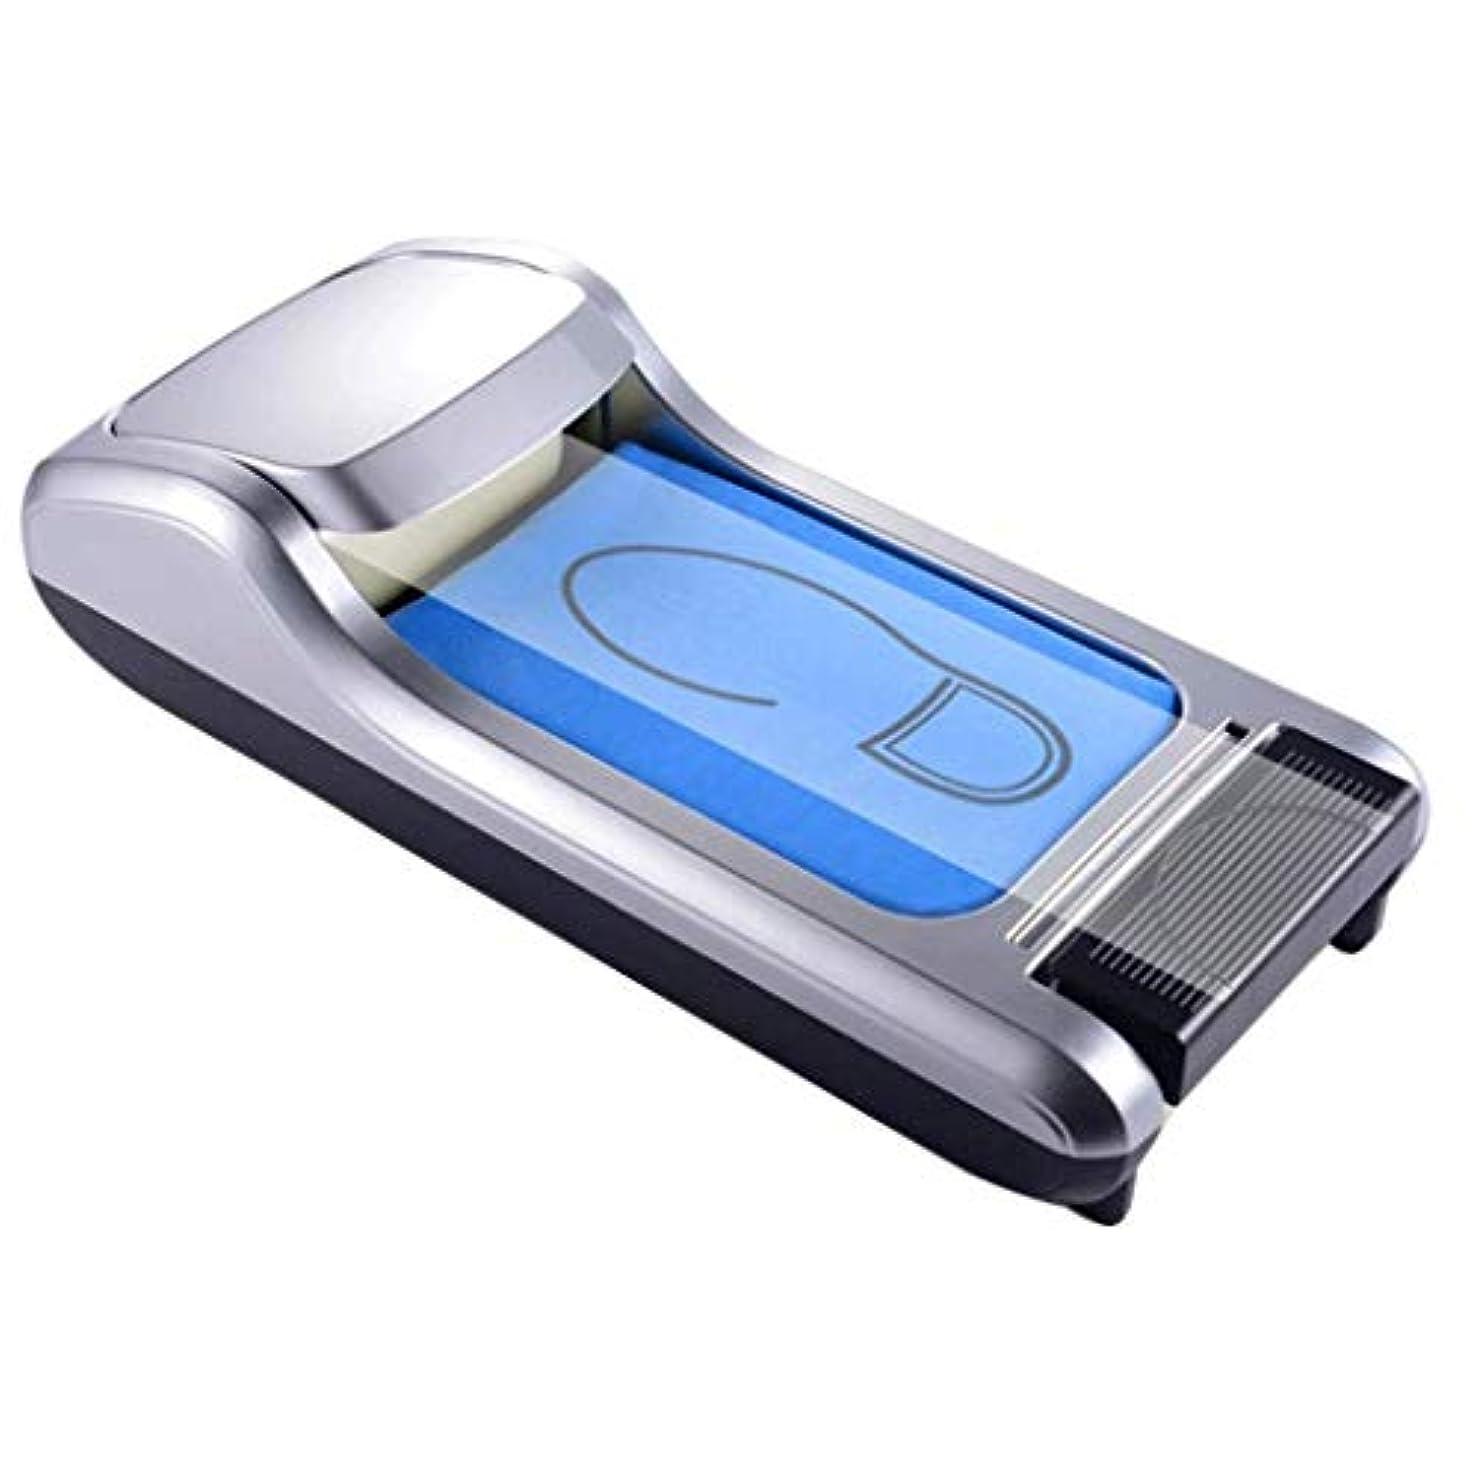 増幅誘導羊靴カバーマシンリビングルームホーム自動使い捨て靴フィルムマシン新スタイルオフィススマートフットカバーラミネート機 (Color : Silver)